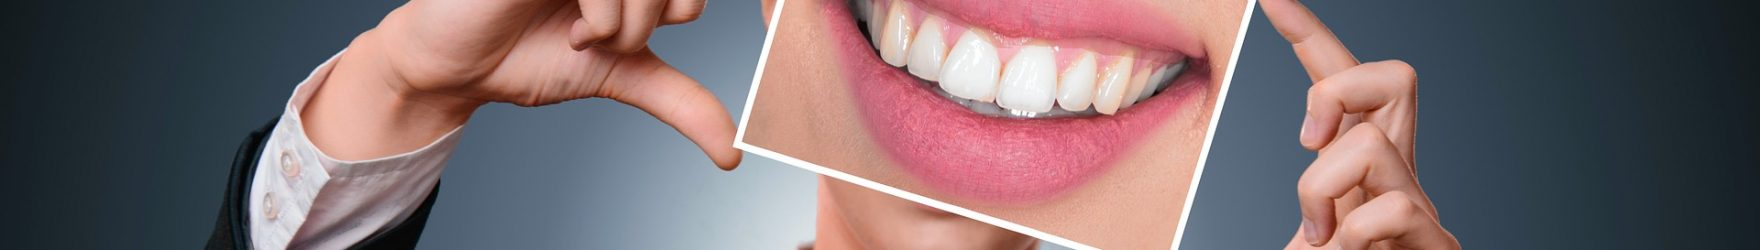 Dal dentista con il sorriso